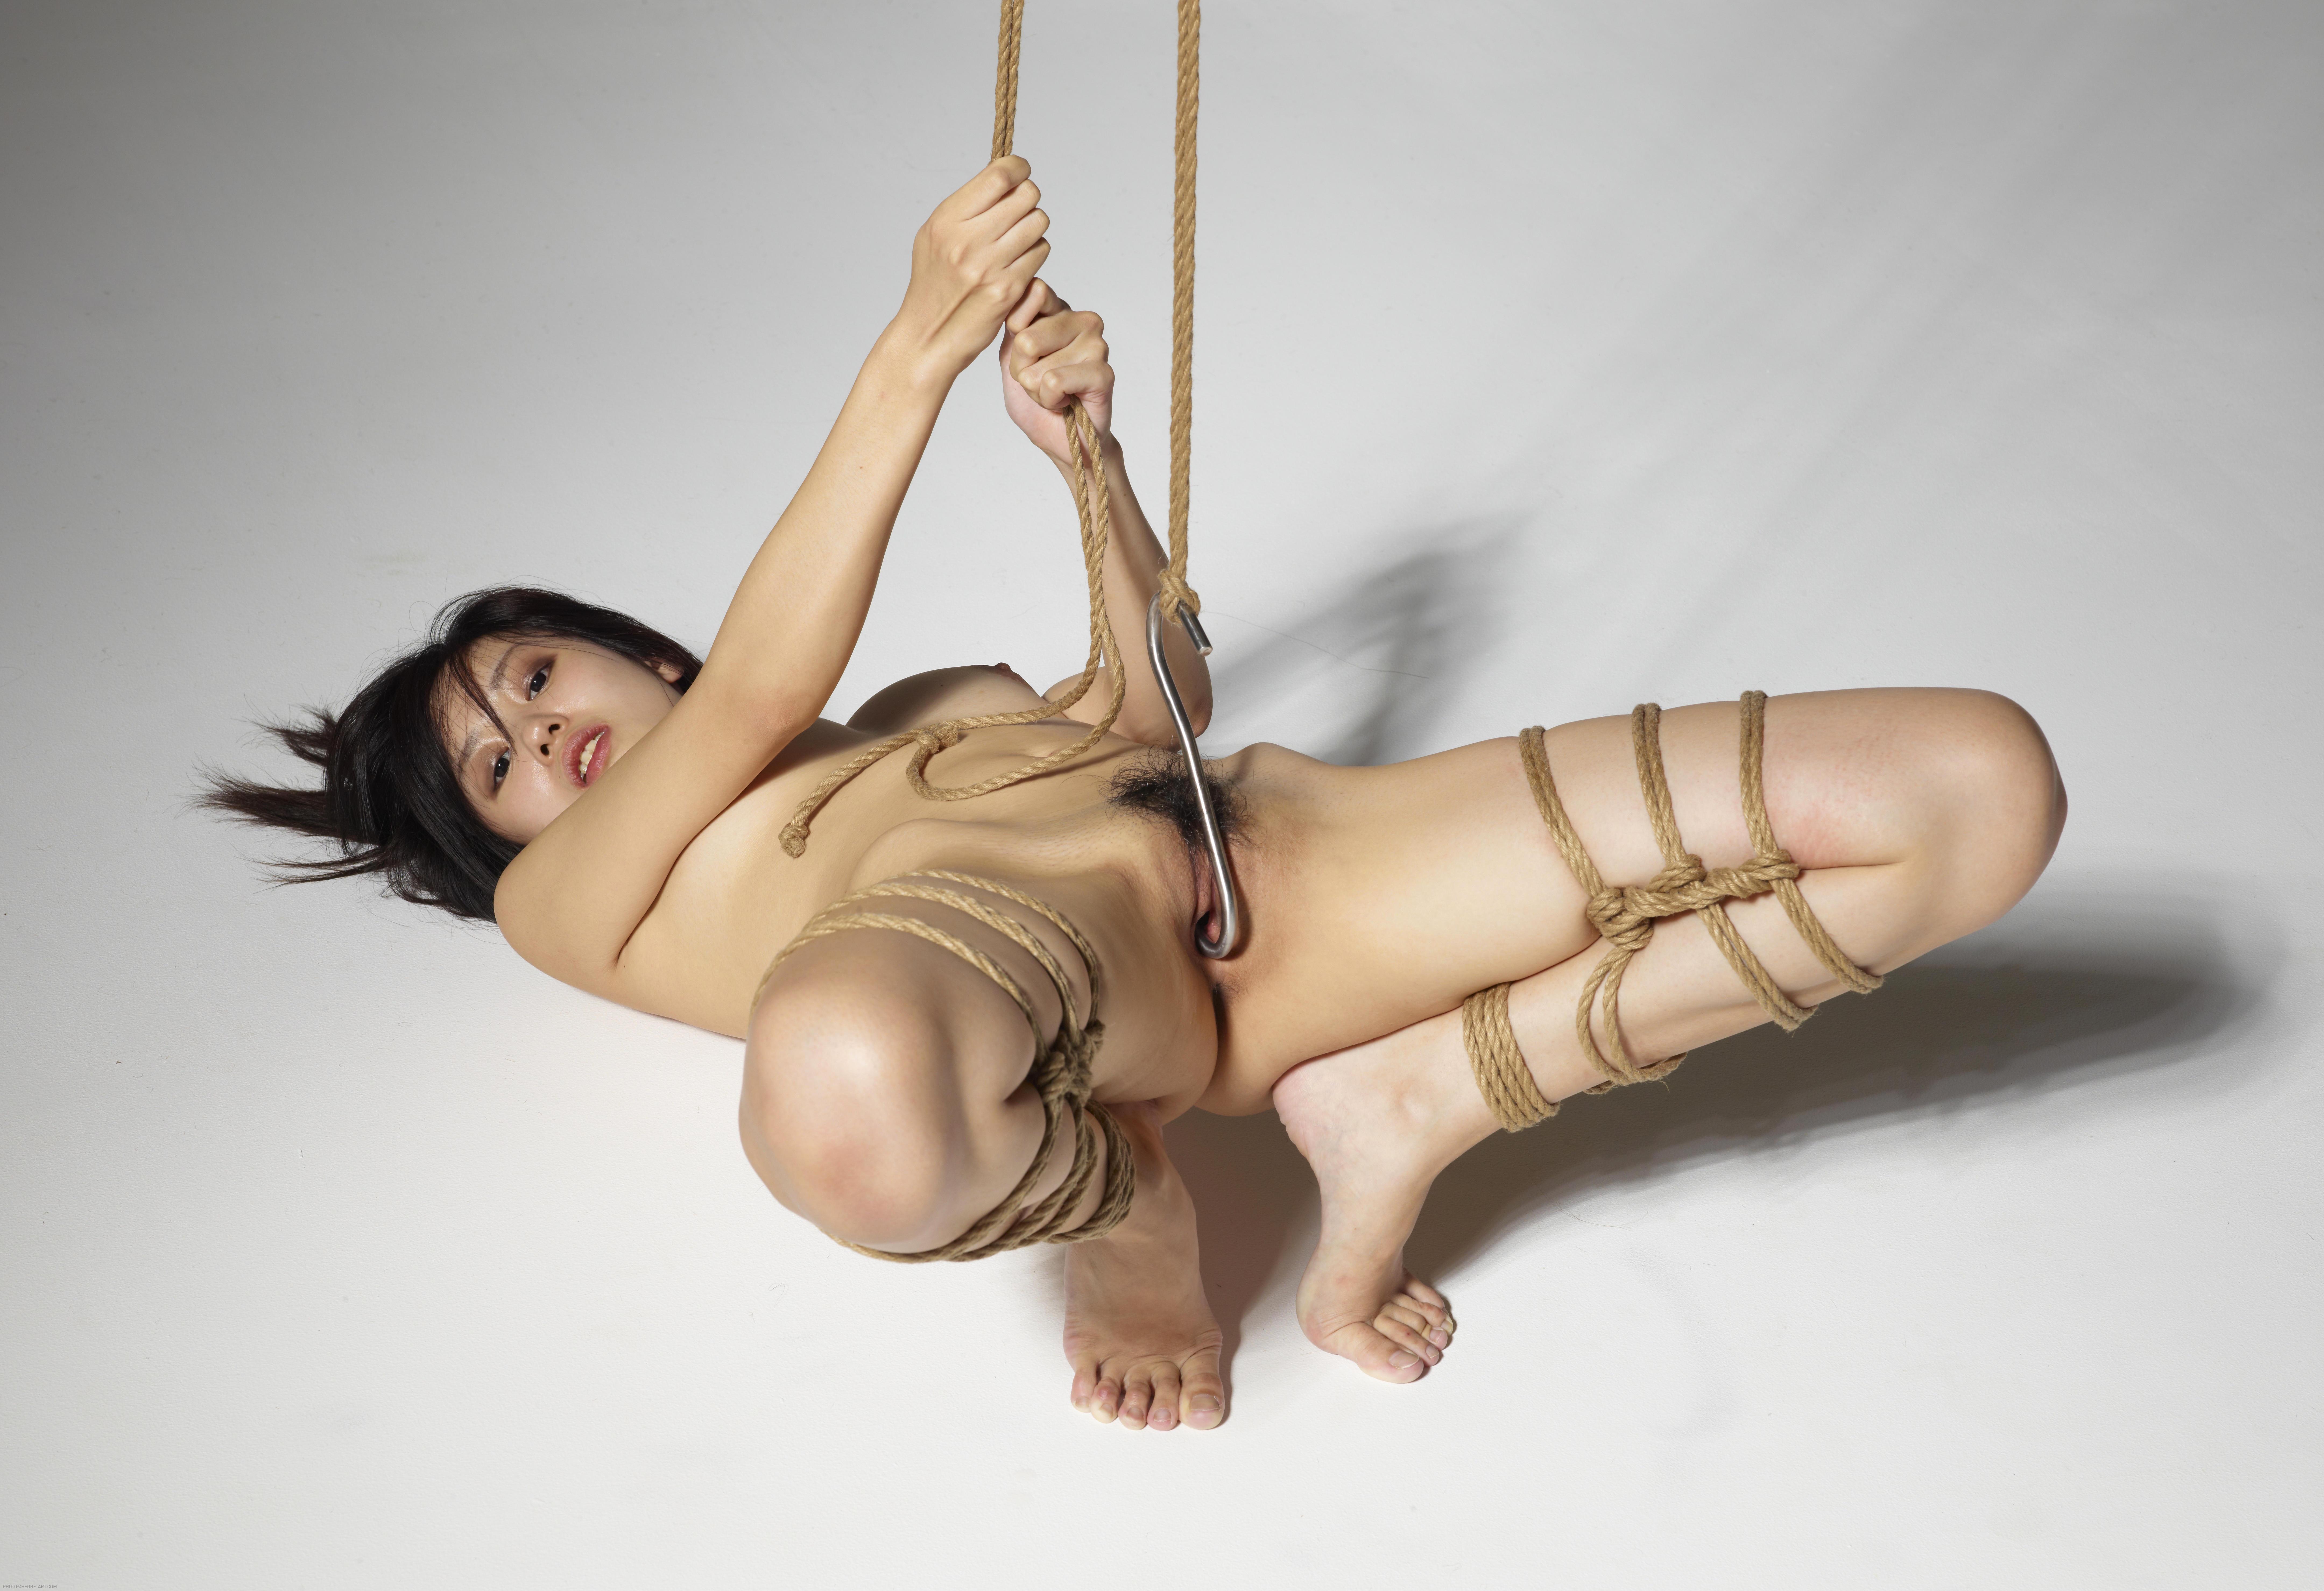 bb nakukuvat hentai bondage